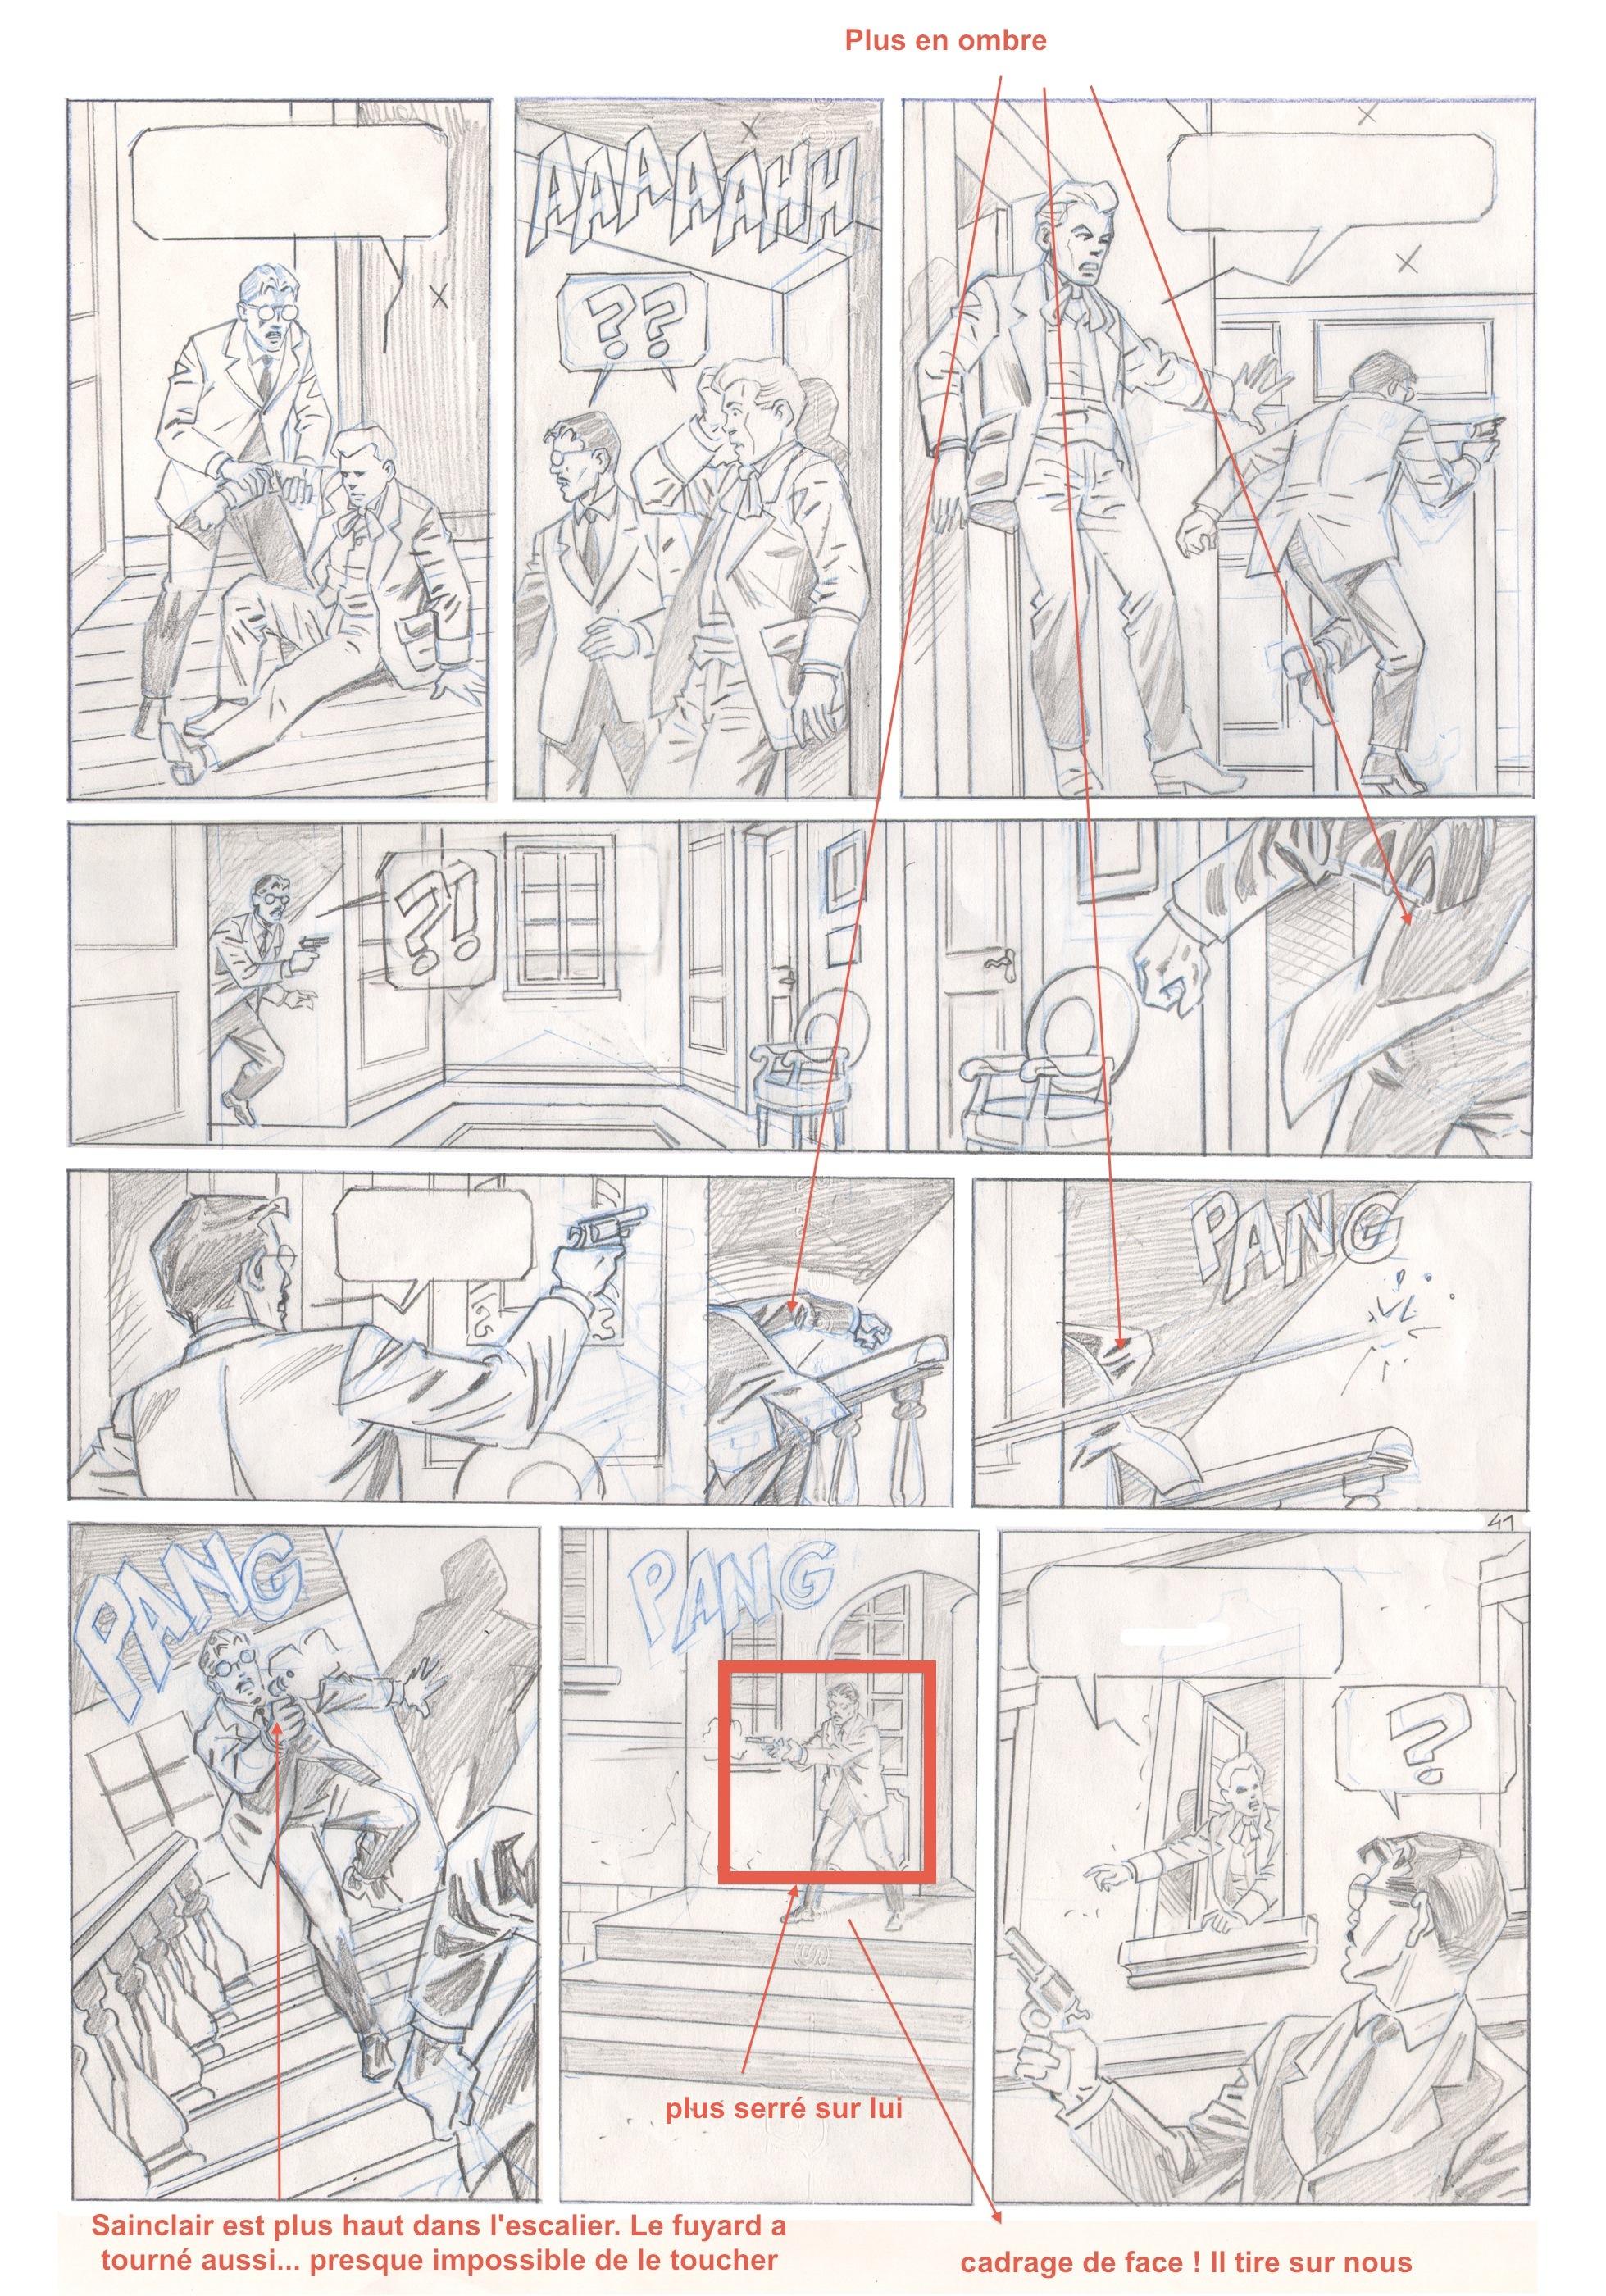 4 étapes de travail pour la planche 41 : storyboard, crayonné, encrage et mise en couleurs